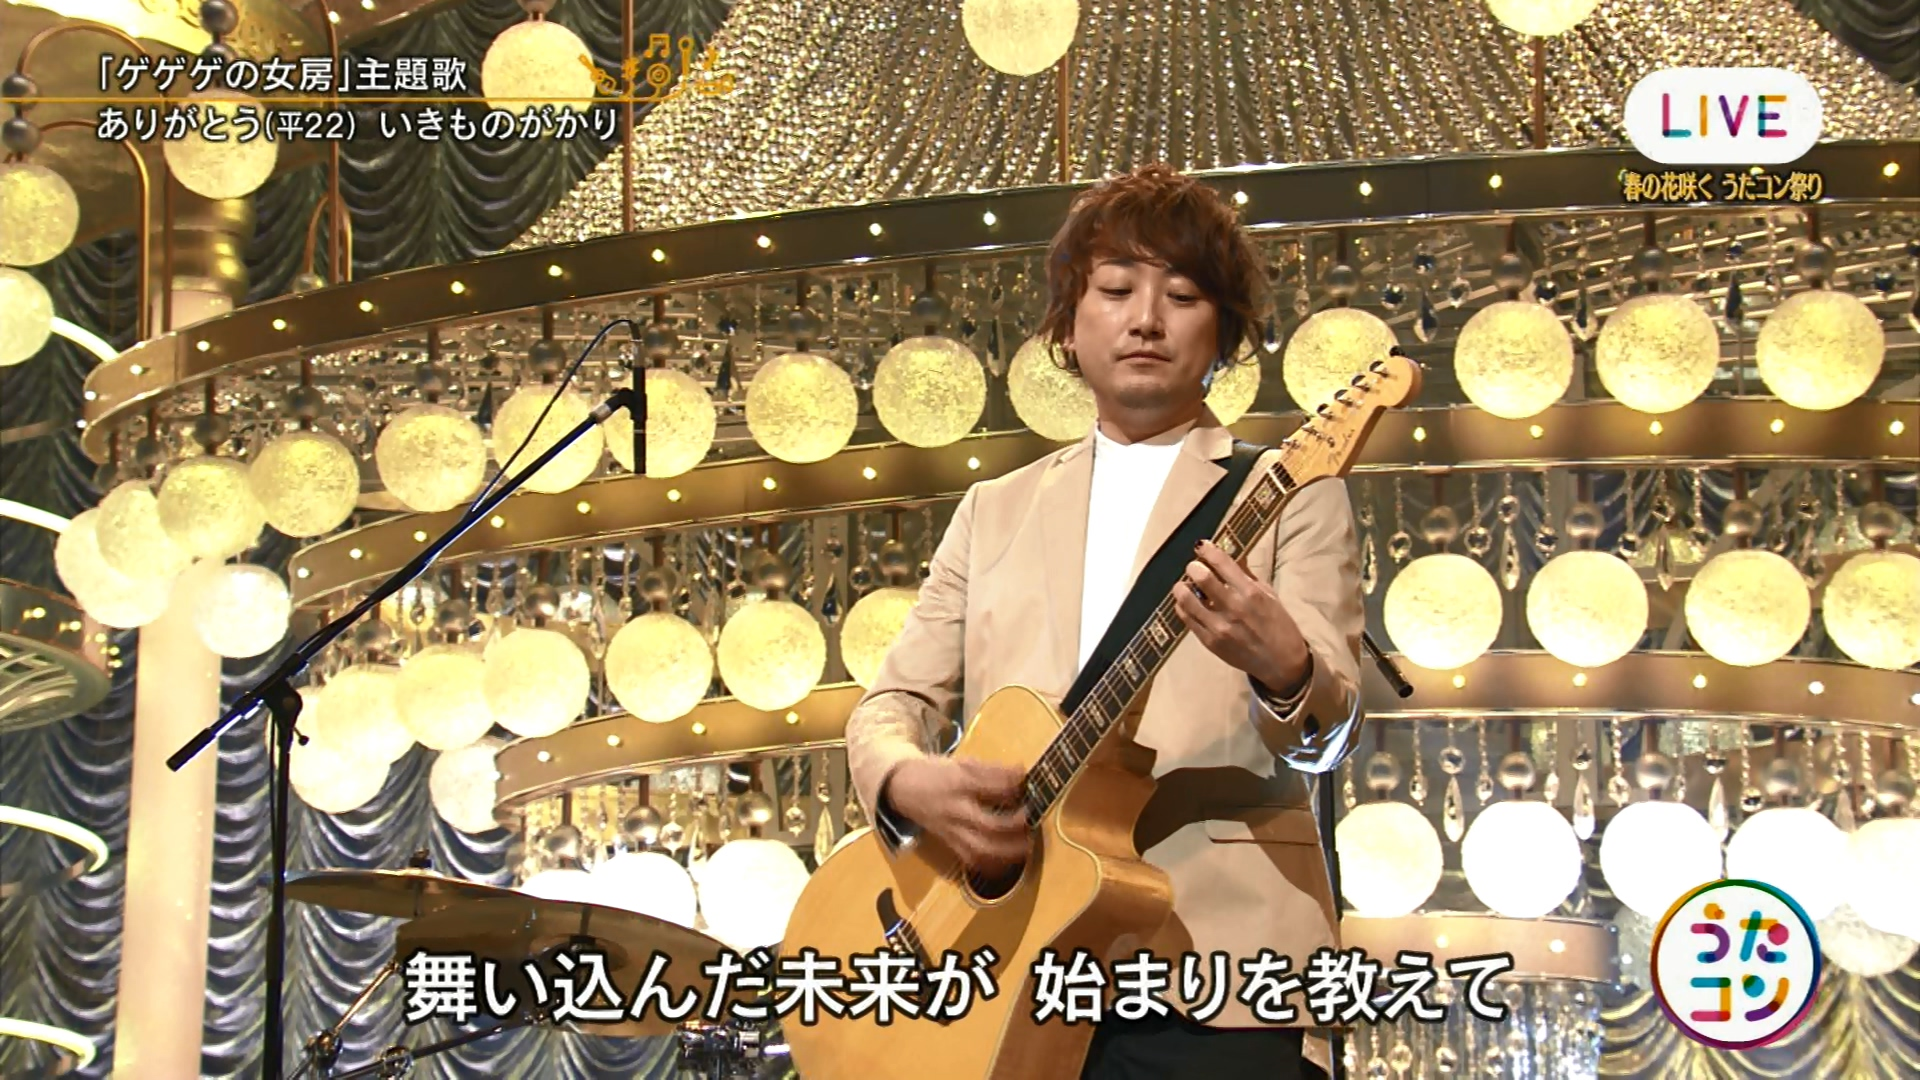 2016.04.12 全場(うたコン).ts_20160412_204651.830